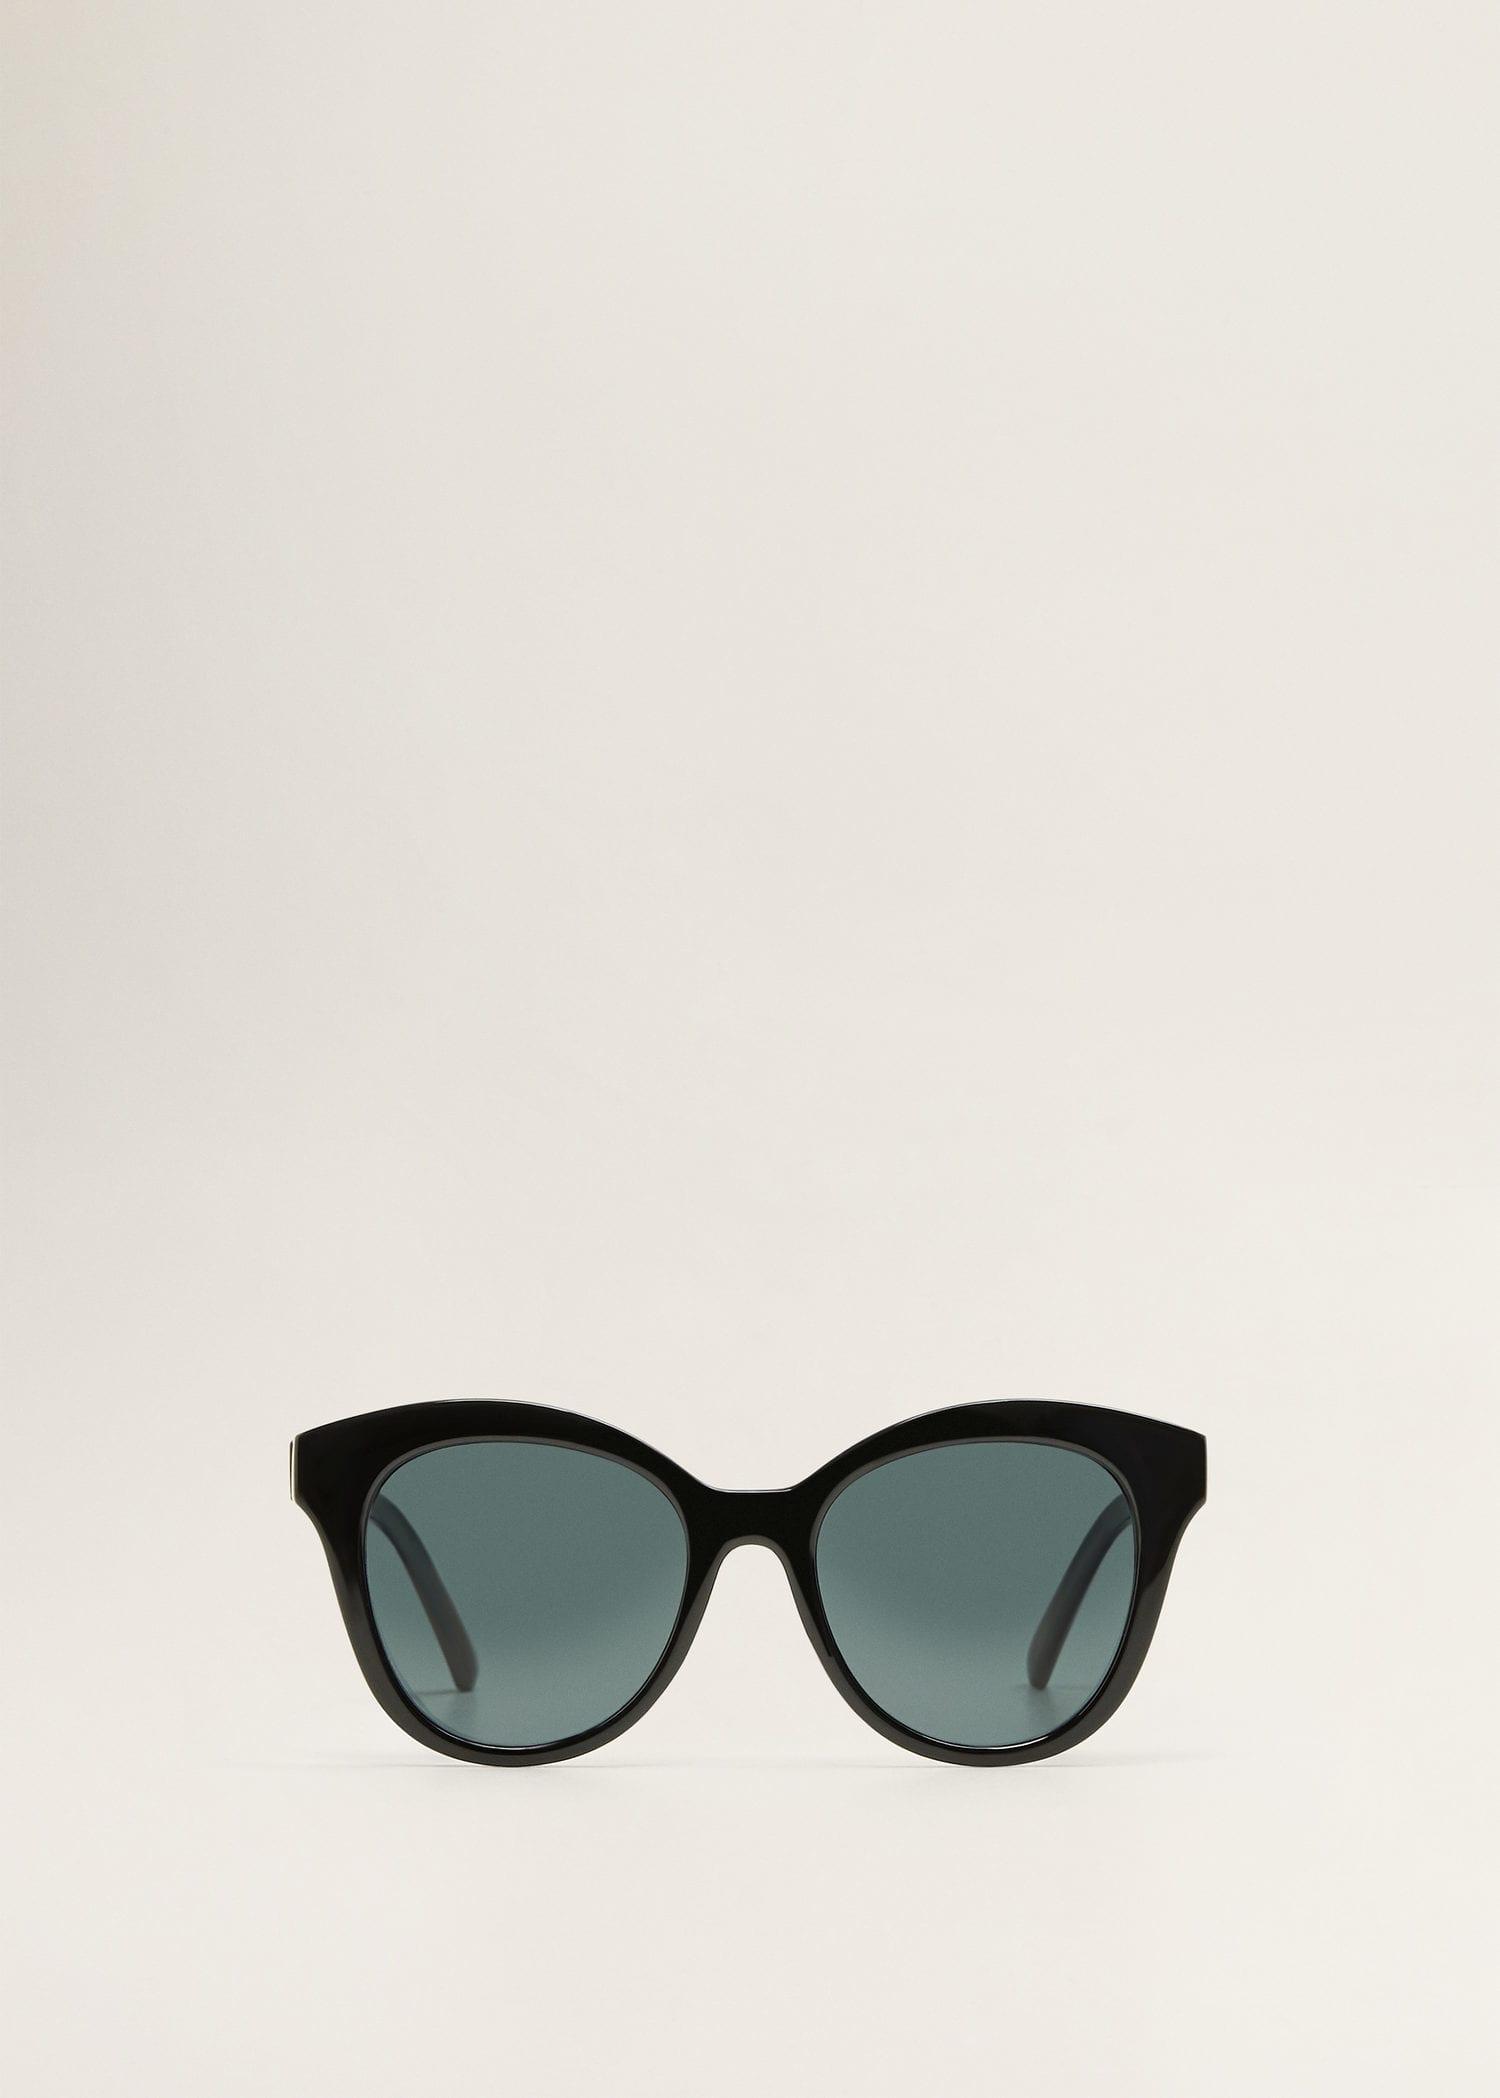 4f0483287d3 Mango Acetate Frame Sunglasses in Black - Lyst